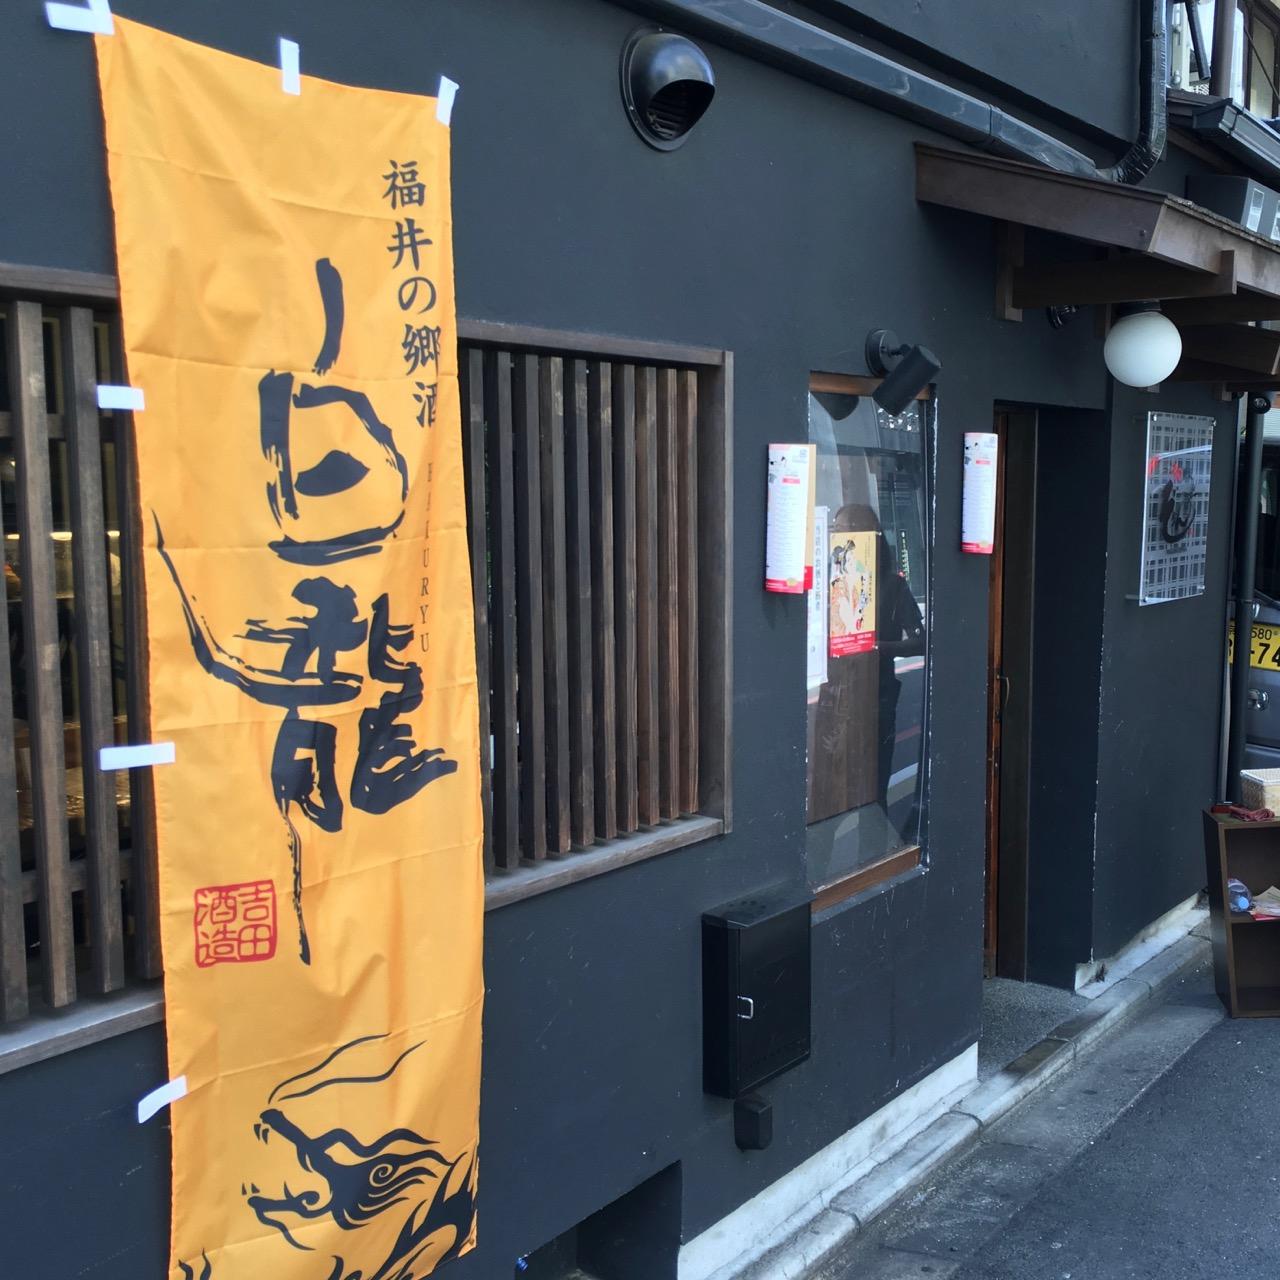 ステーキに合う日本酒!京都日本酒ドロップキック2016 白龍@和鉄板ぞろんぱ